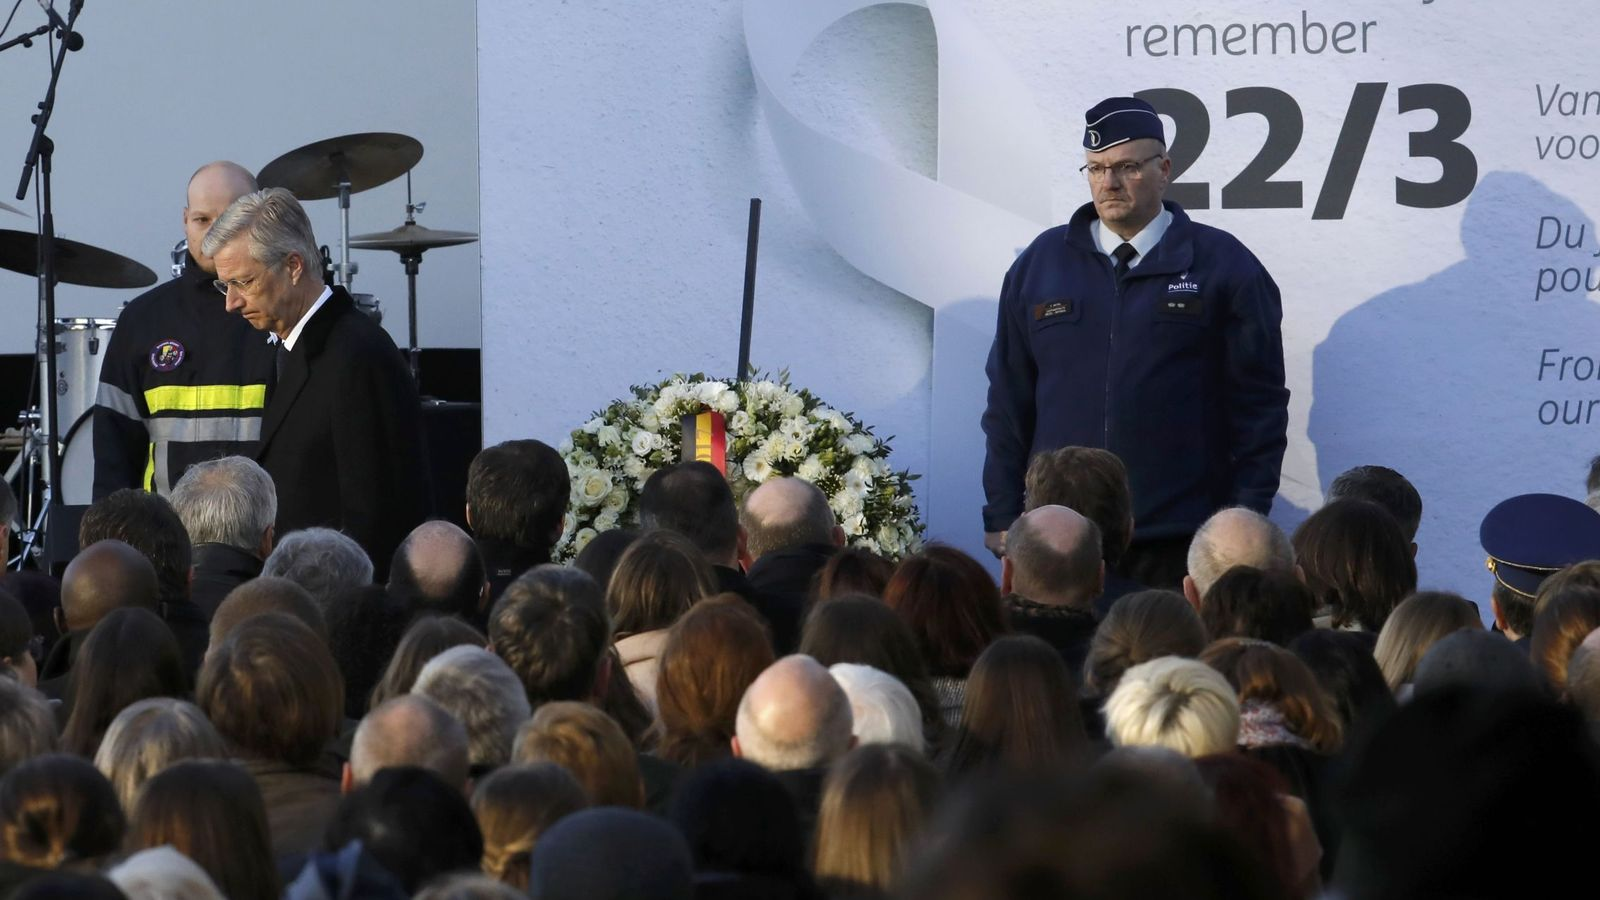 Foto: El Rey de Bélgica abandona un acto de homenaje a las víctimas en el aeropuerto Zaventem de Bruselas. (Reuters).